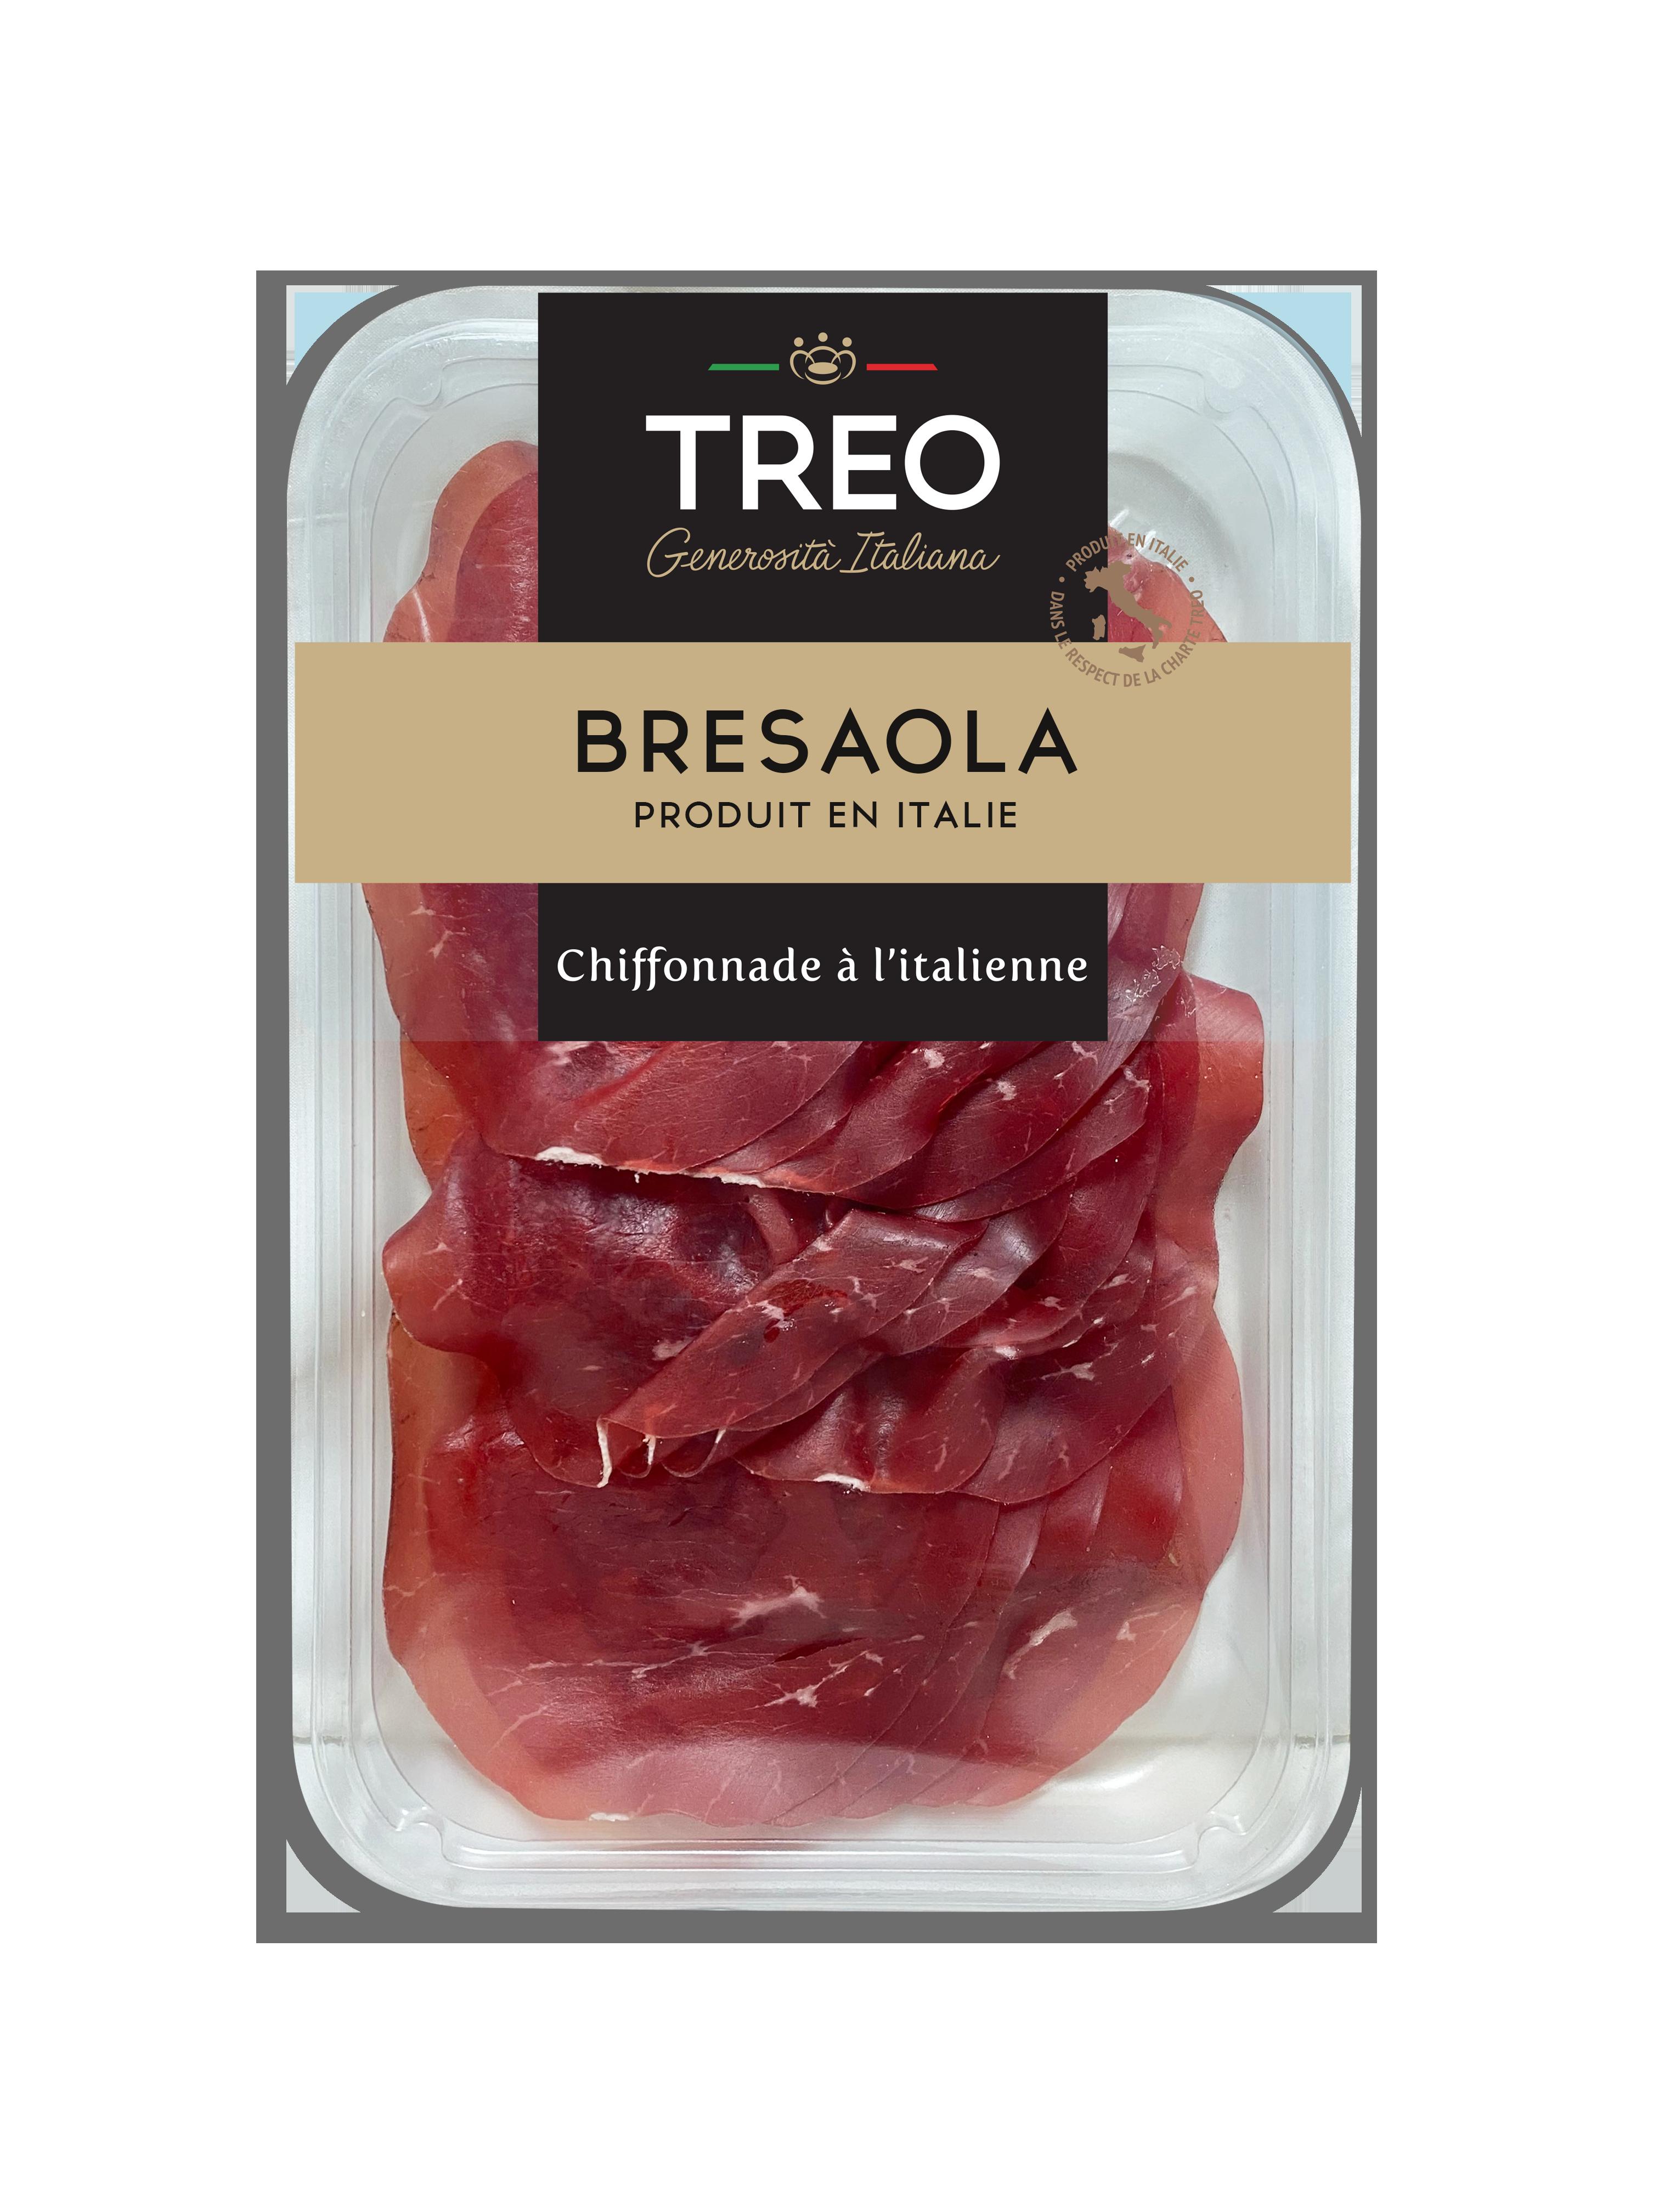 Bresaola TREO